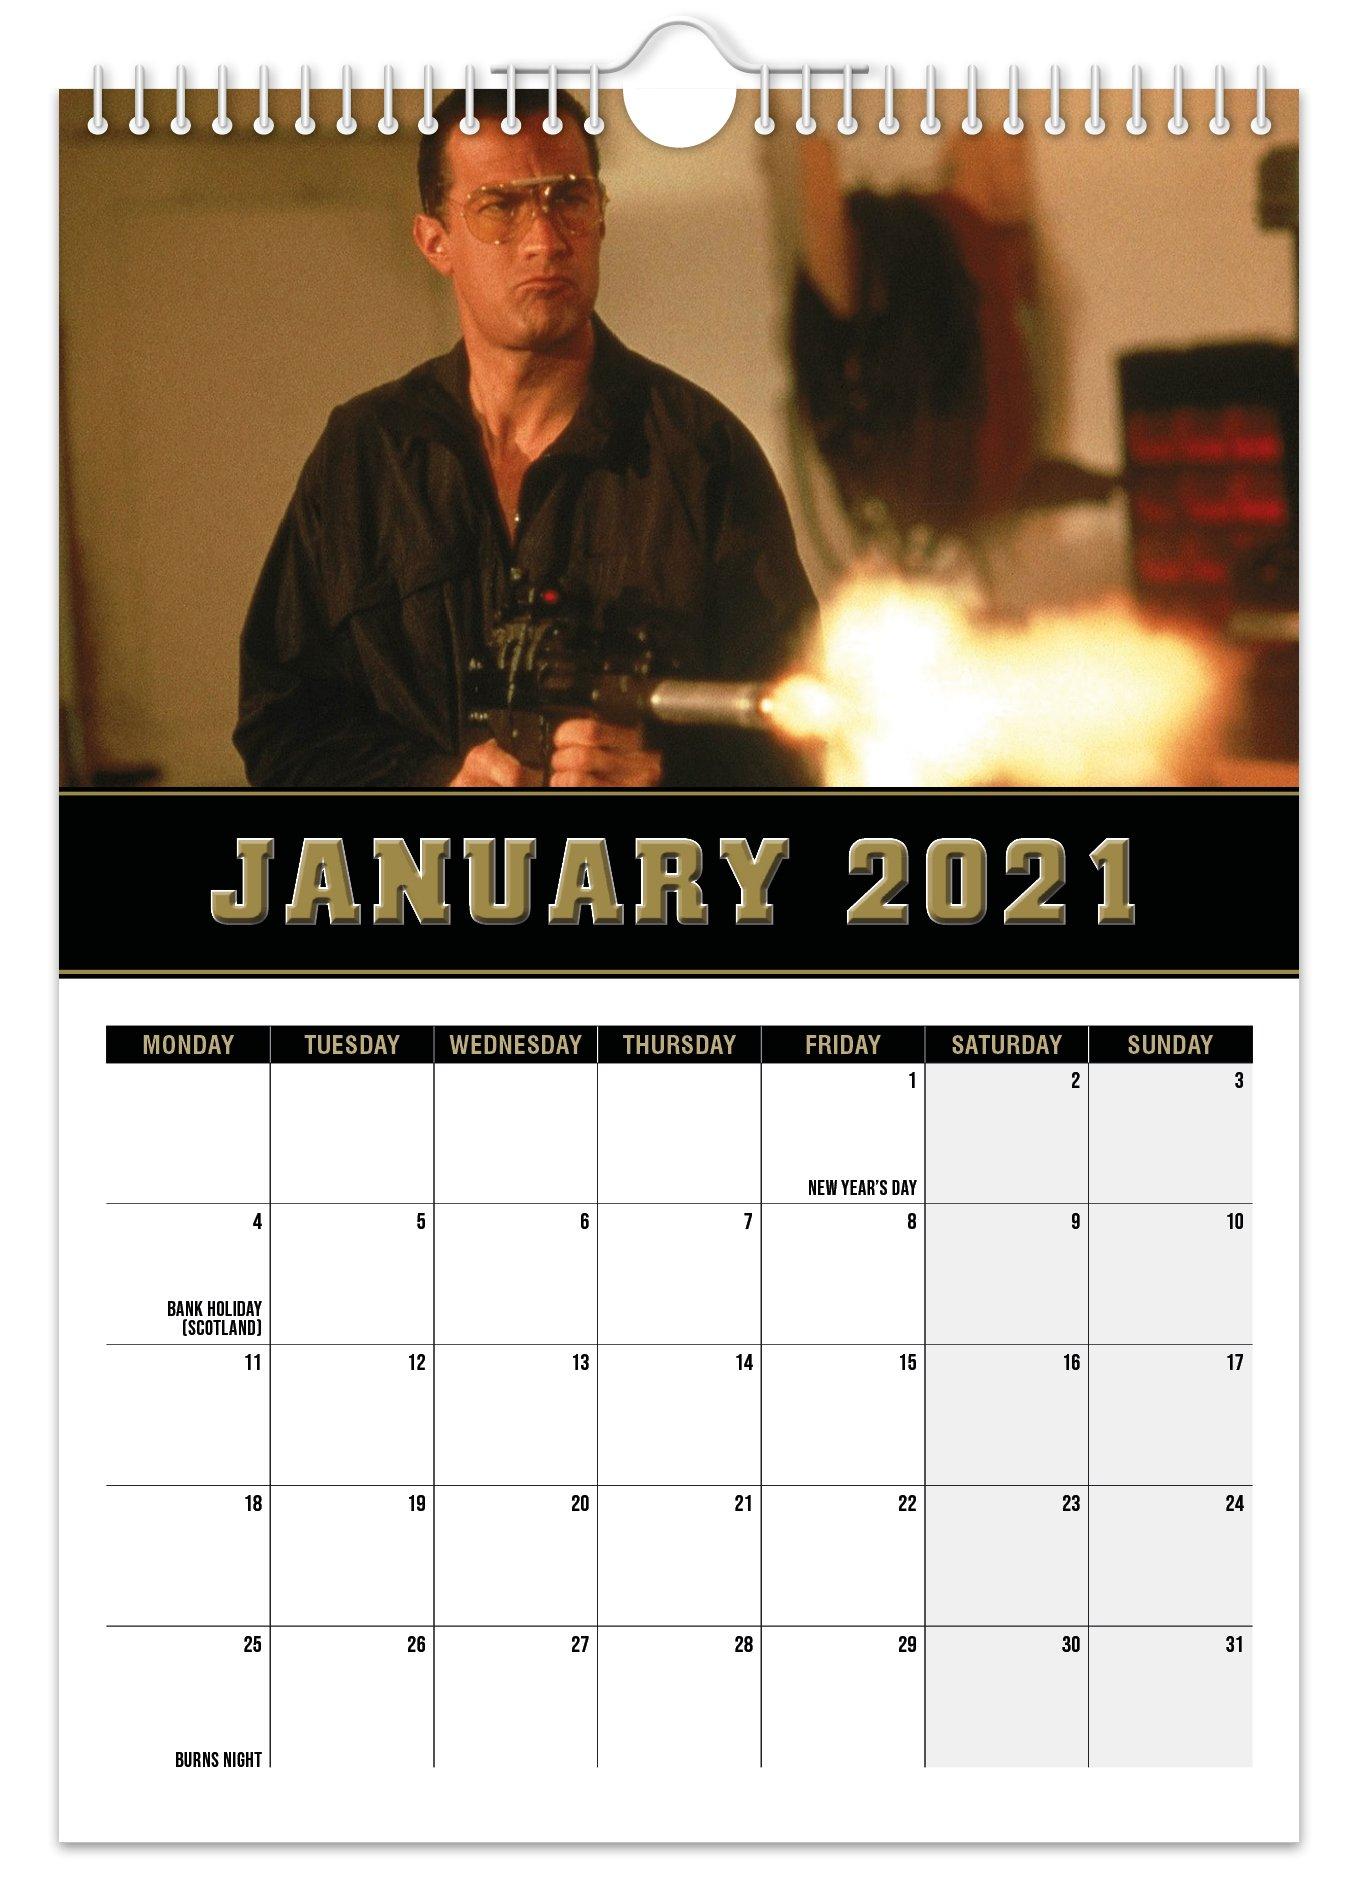 Steven Seagal 2021